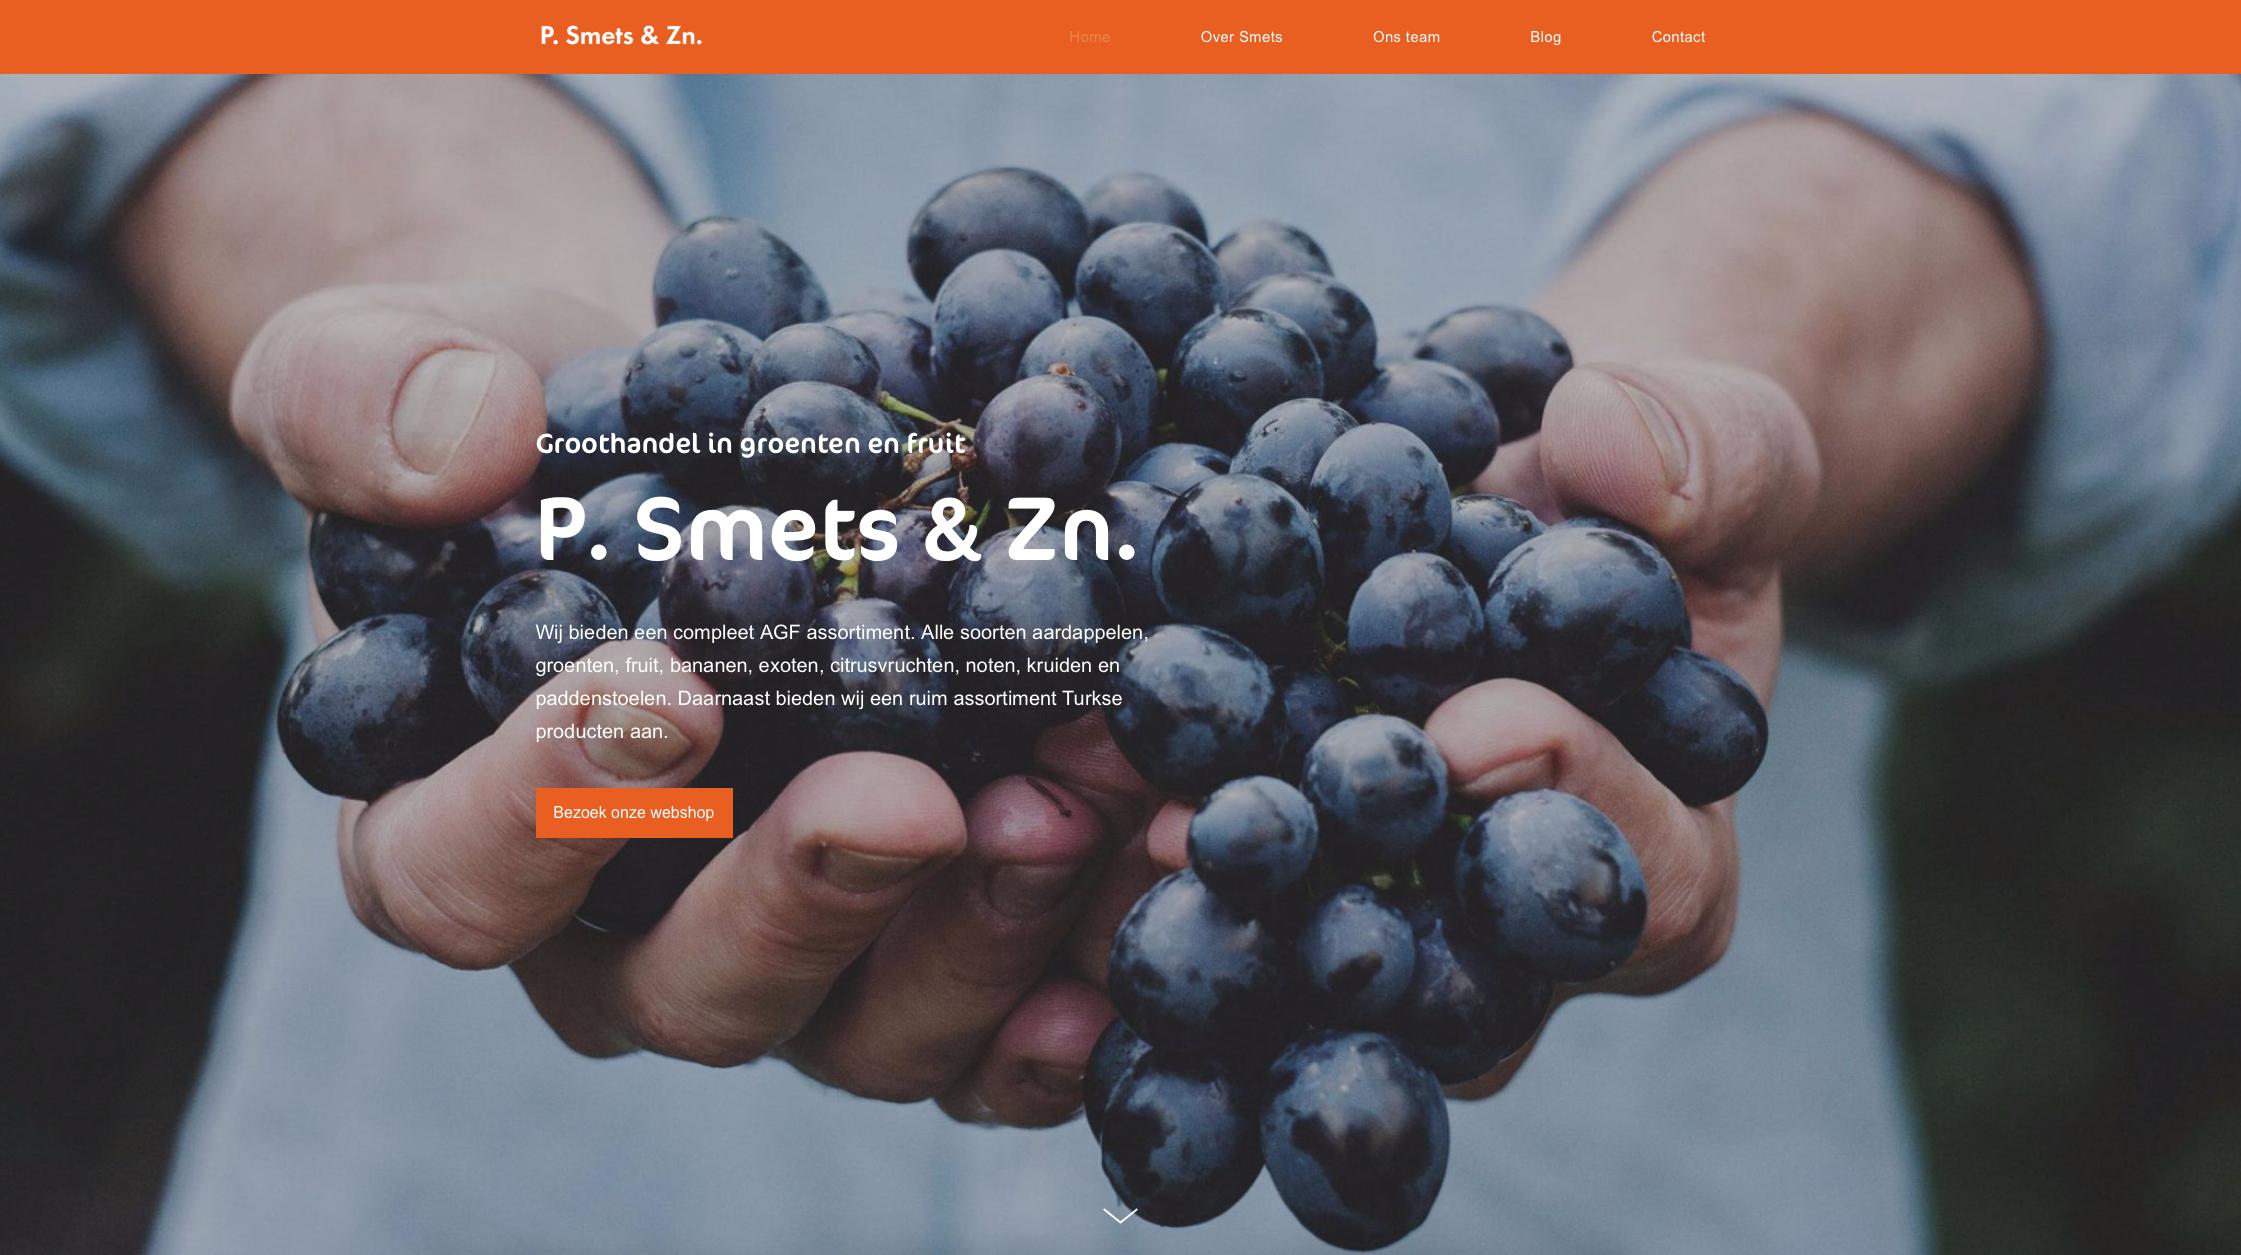 Smetsgeleen-groothandel-groente-en-fruit-studiovolt